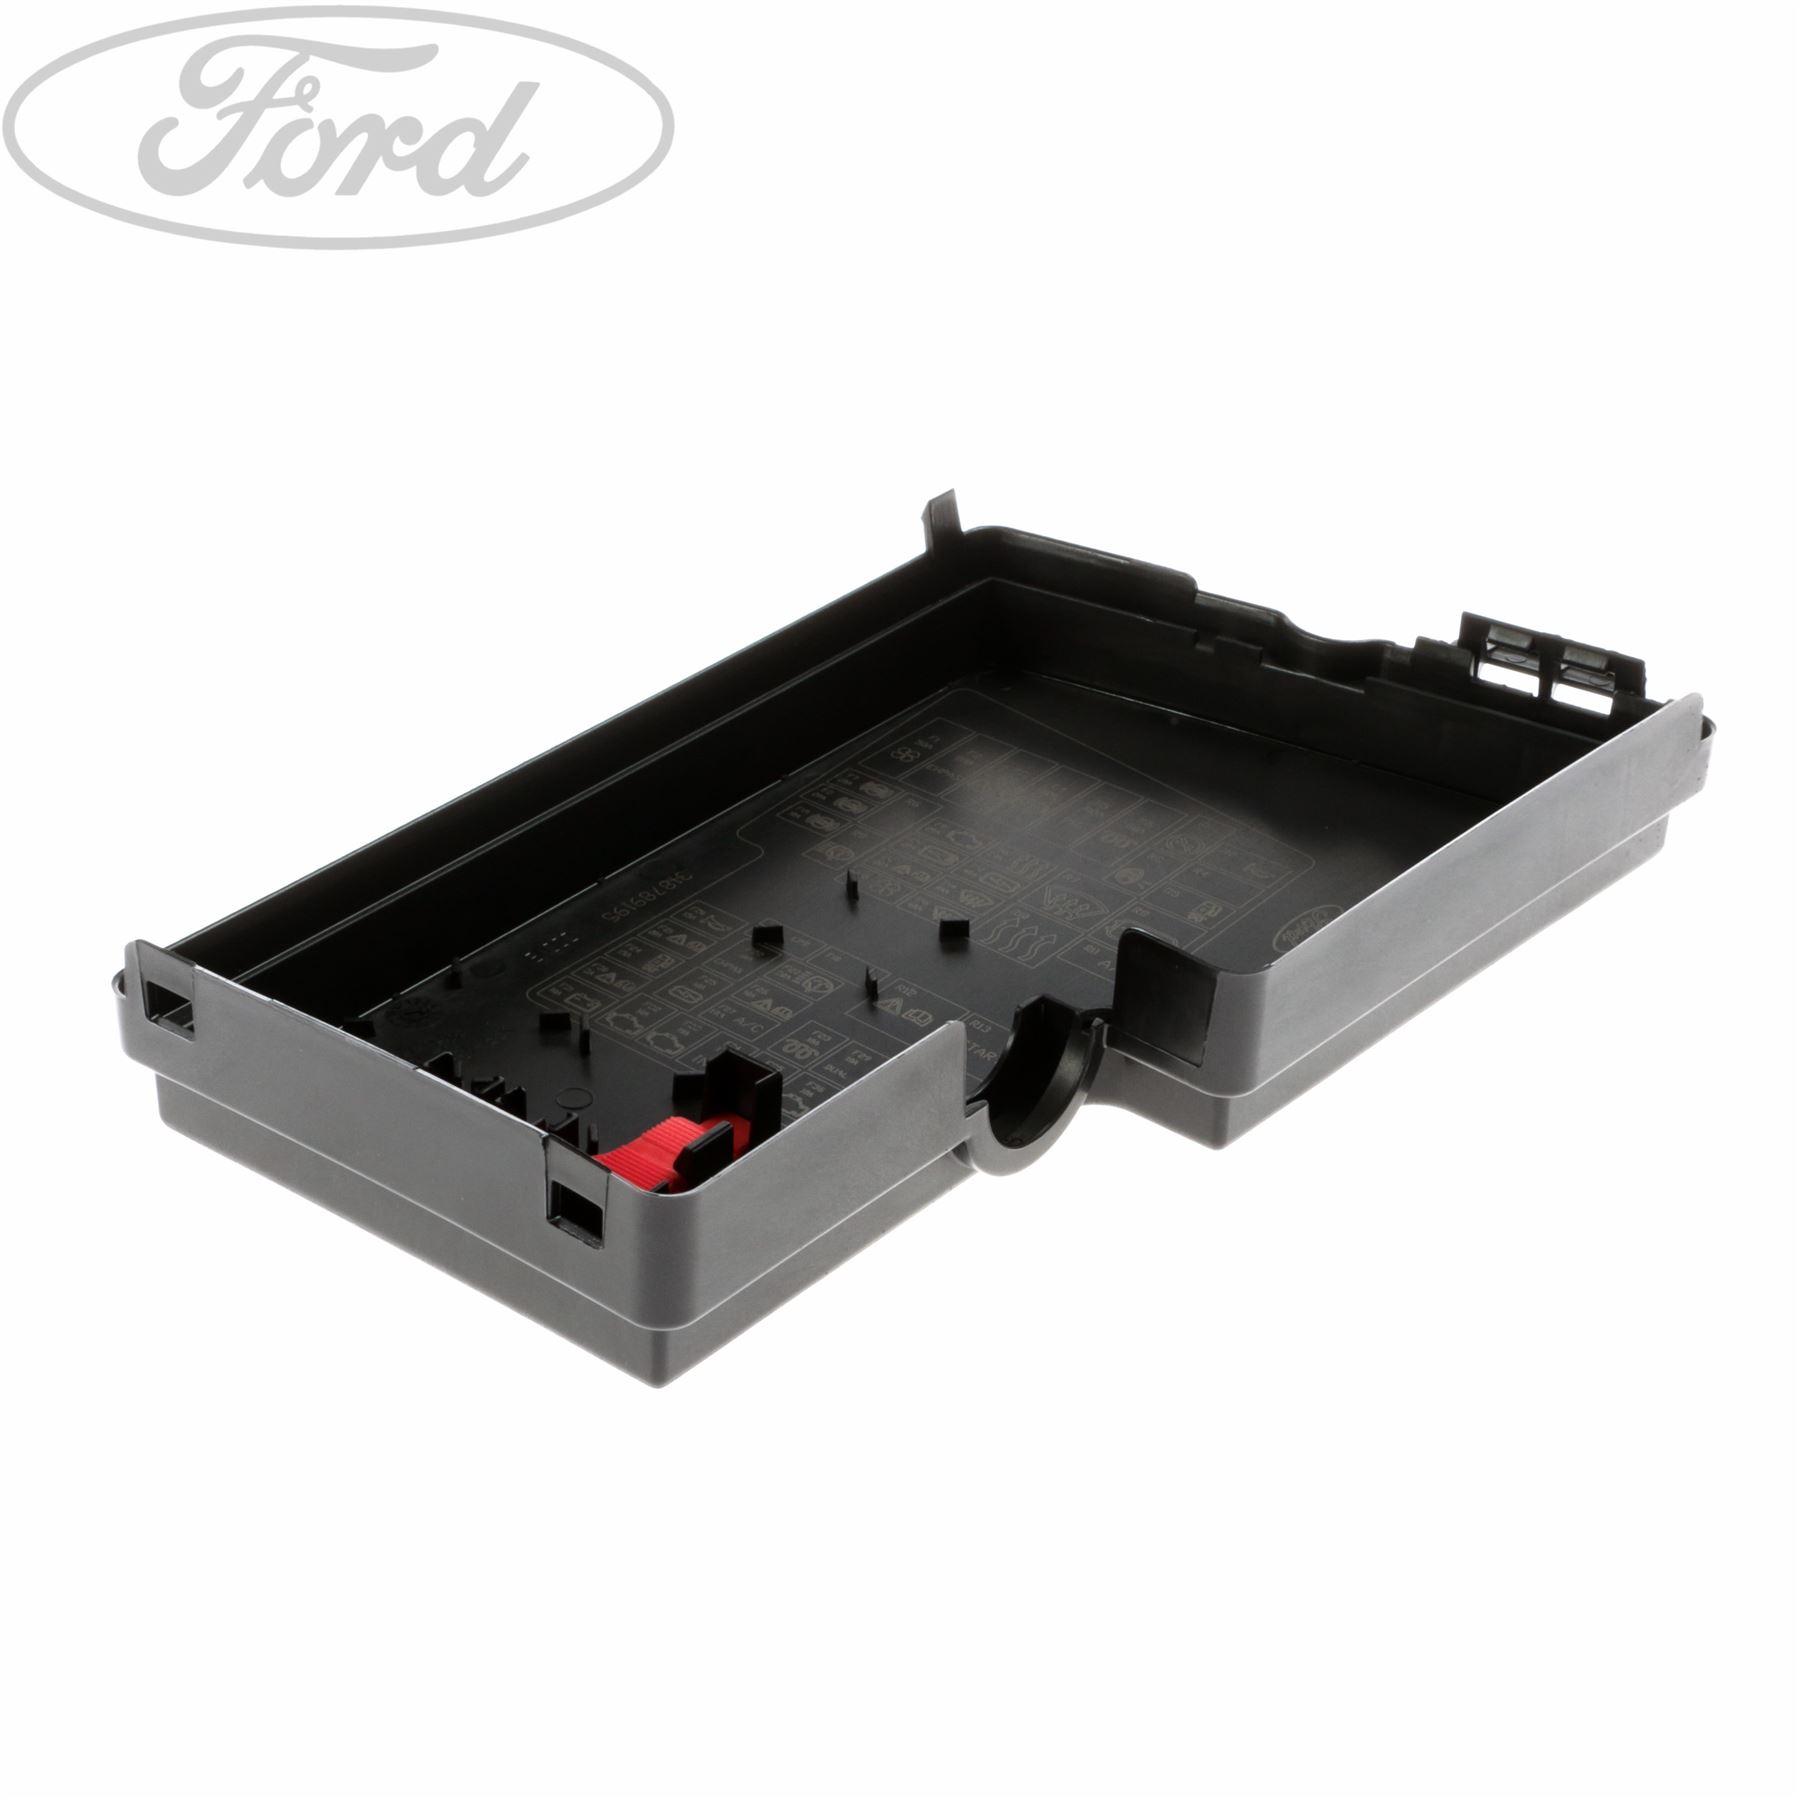 Genuine Ford Focus MK2 Focus C-Max Additional Fuse Box Cover 1428545